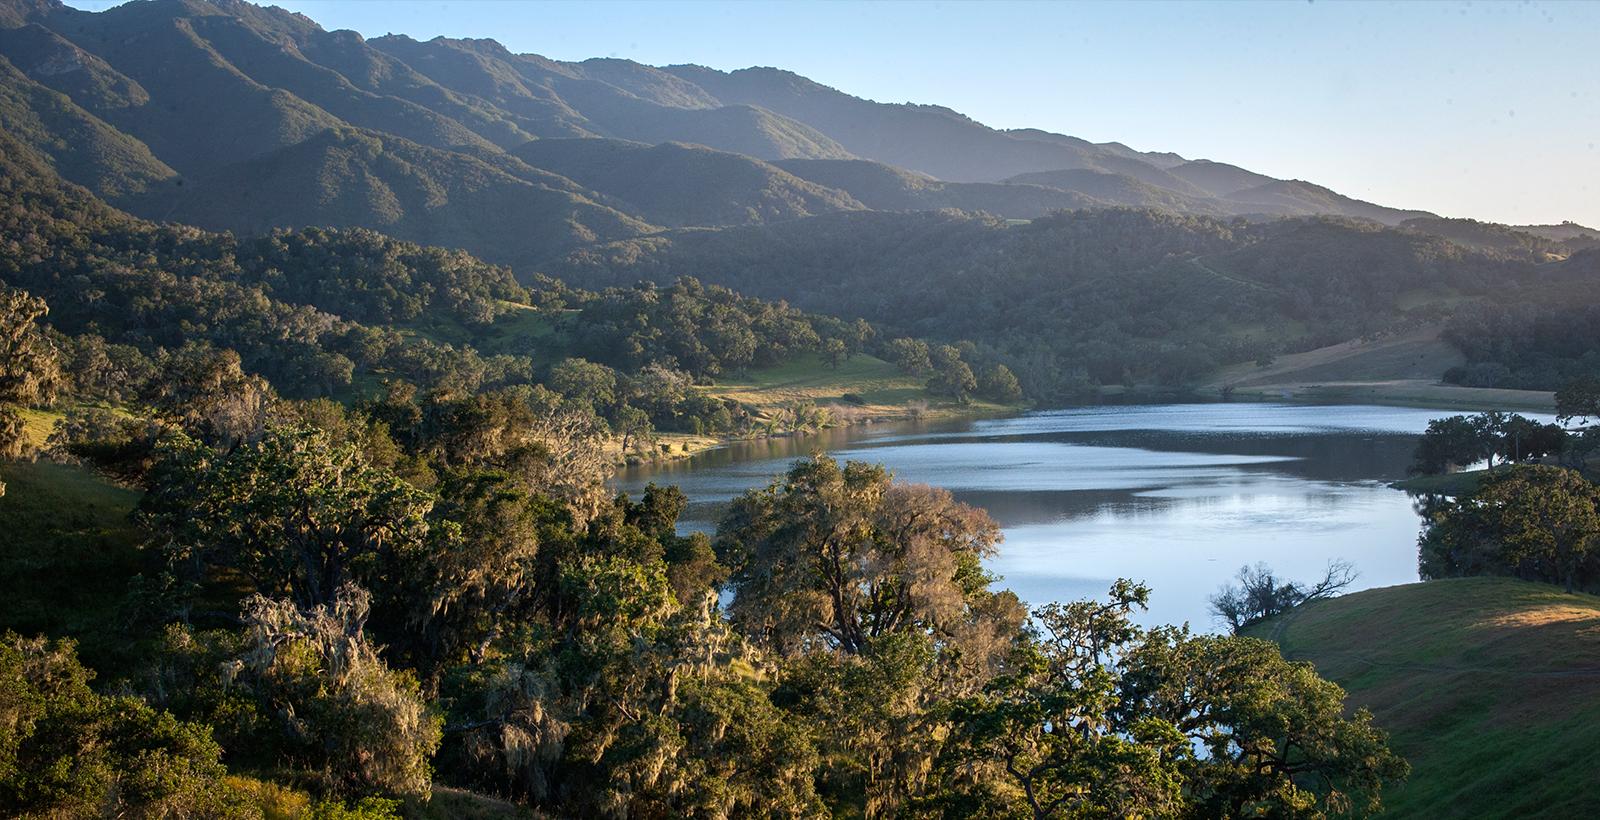 Lake Alisal in the Santa Ynez Valley